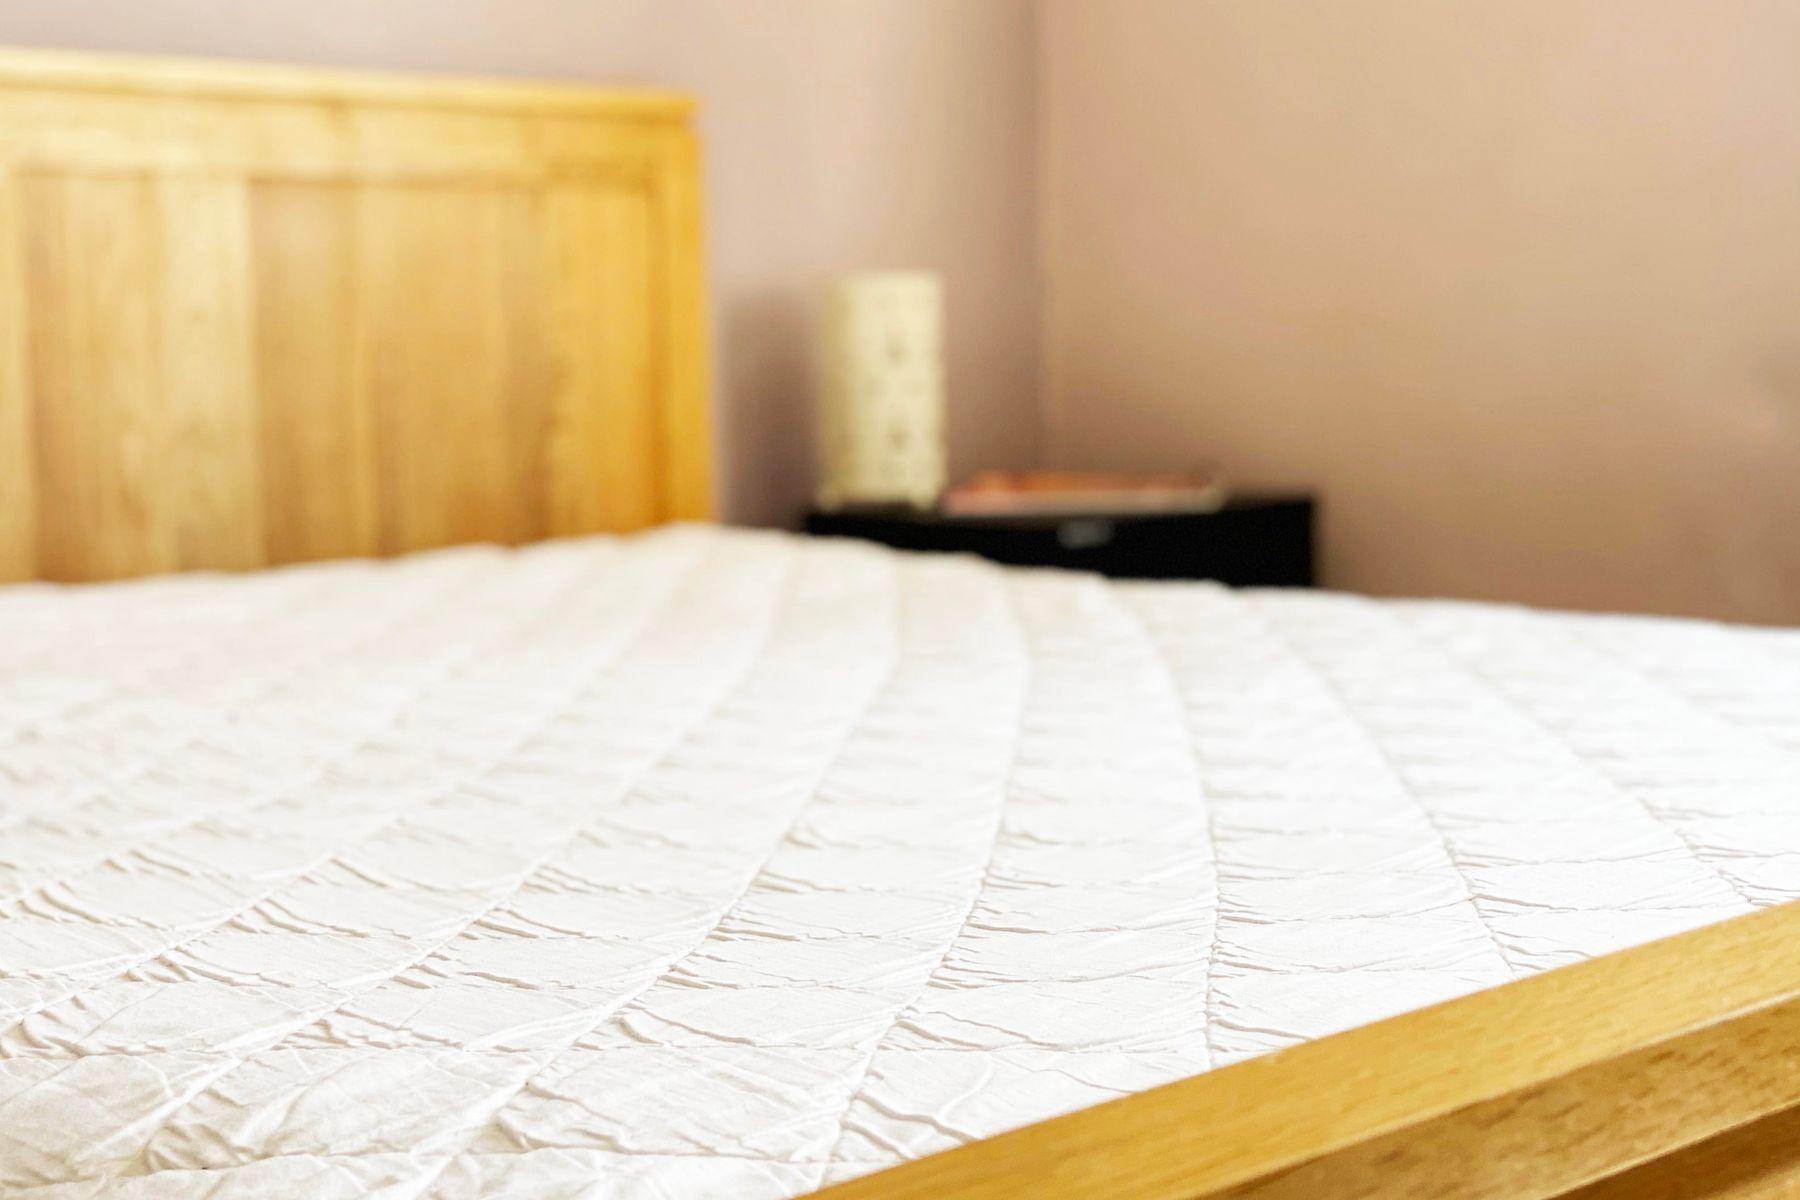 A mattress topper